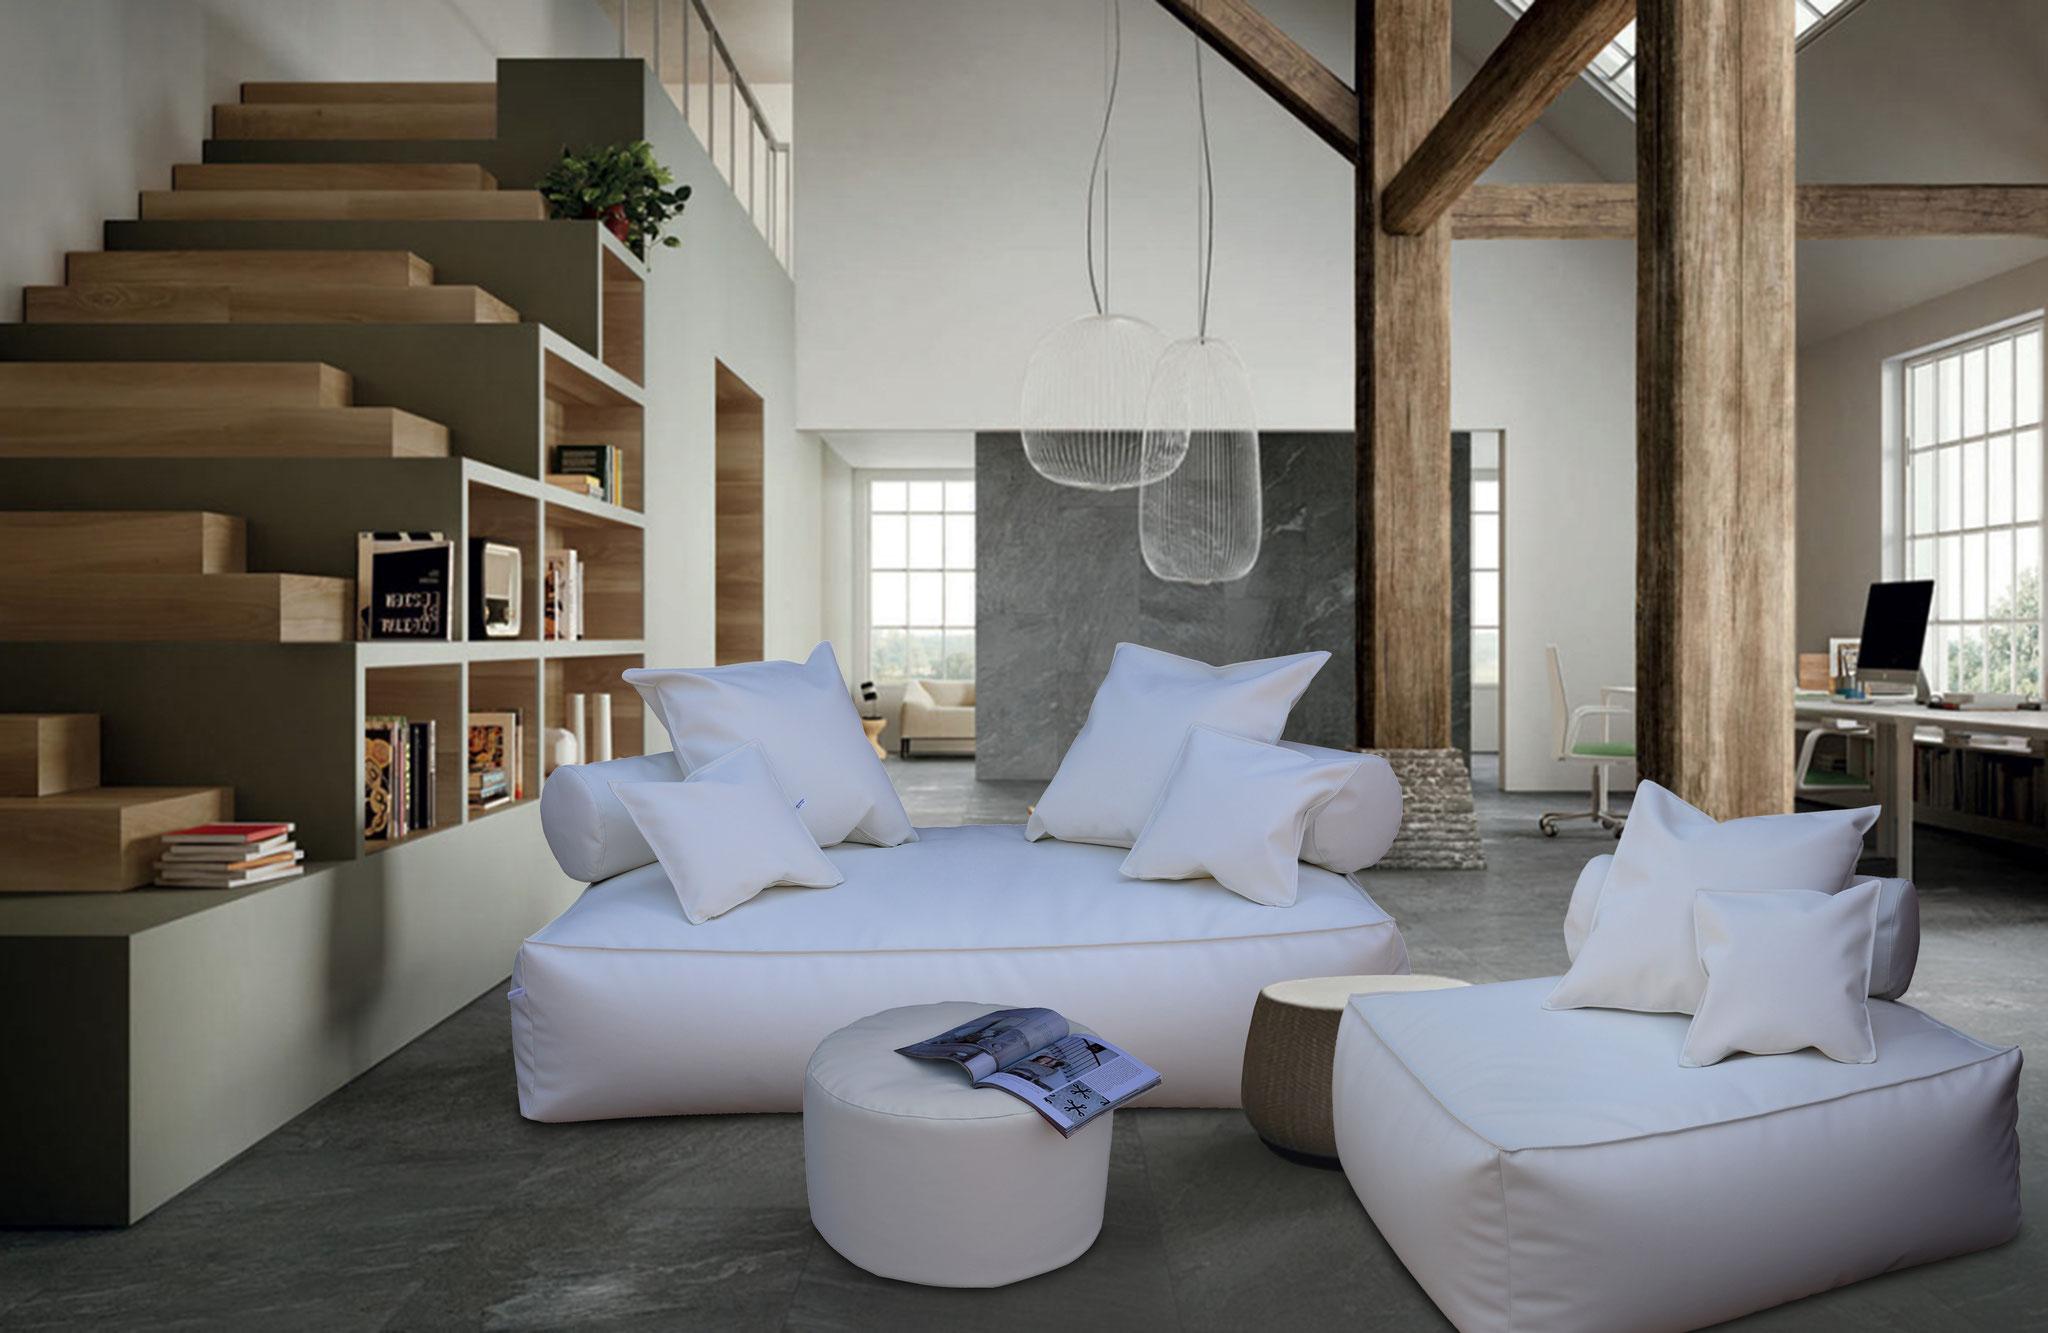 Divano panama filippo ghezzani arredamento on line poltrone e divani sacco arredamento di - Divano 170 cm ...